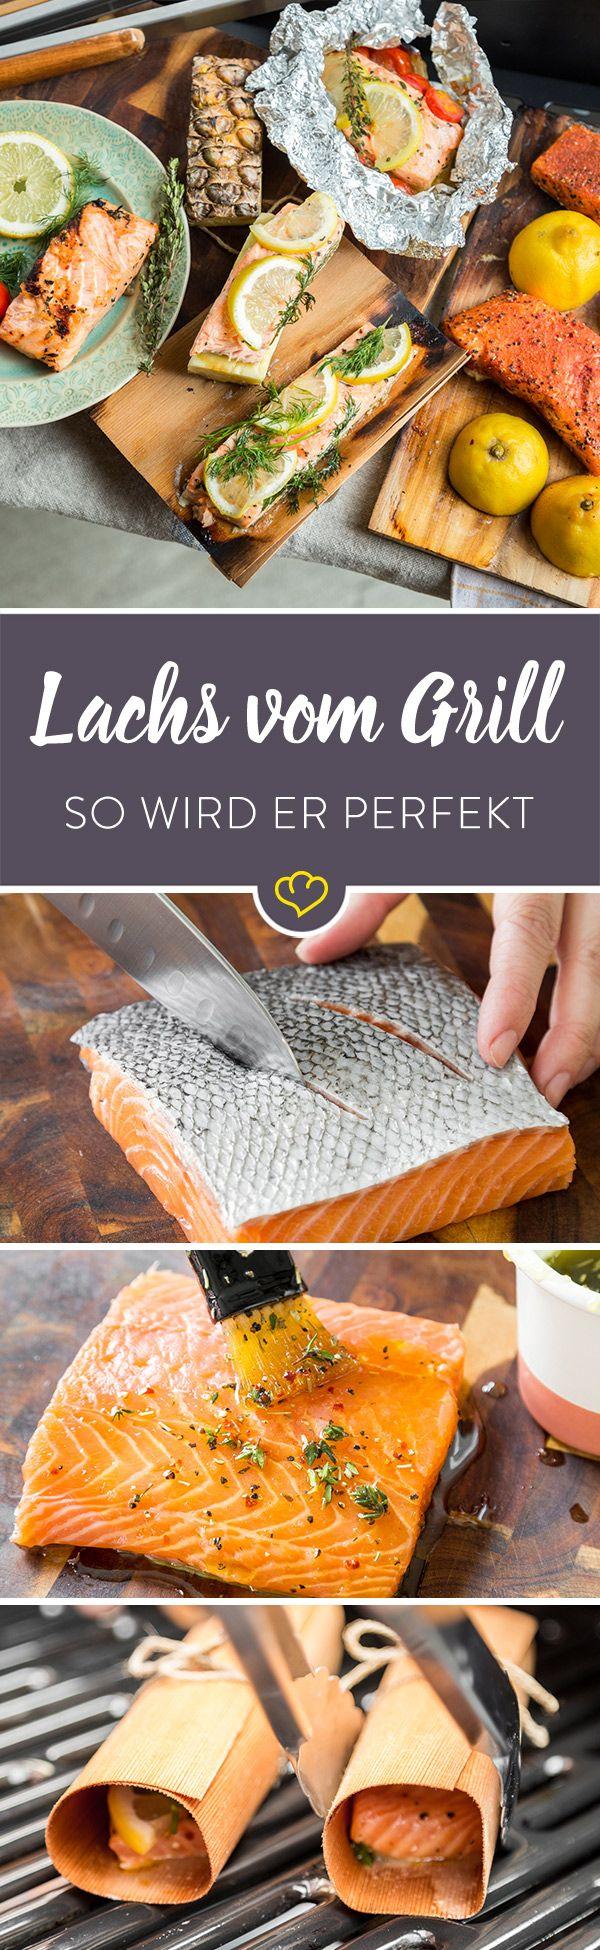 Dieser Guide zeigt dir, wie du dein Lachsfilet besonders saftig und aromatisch grillst. Dafür habe ich 5 verschiedene Grillmethoden für dich getestet.